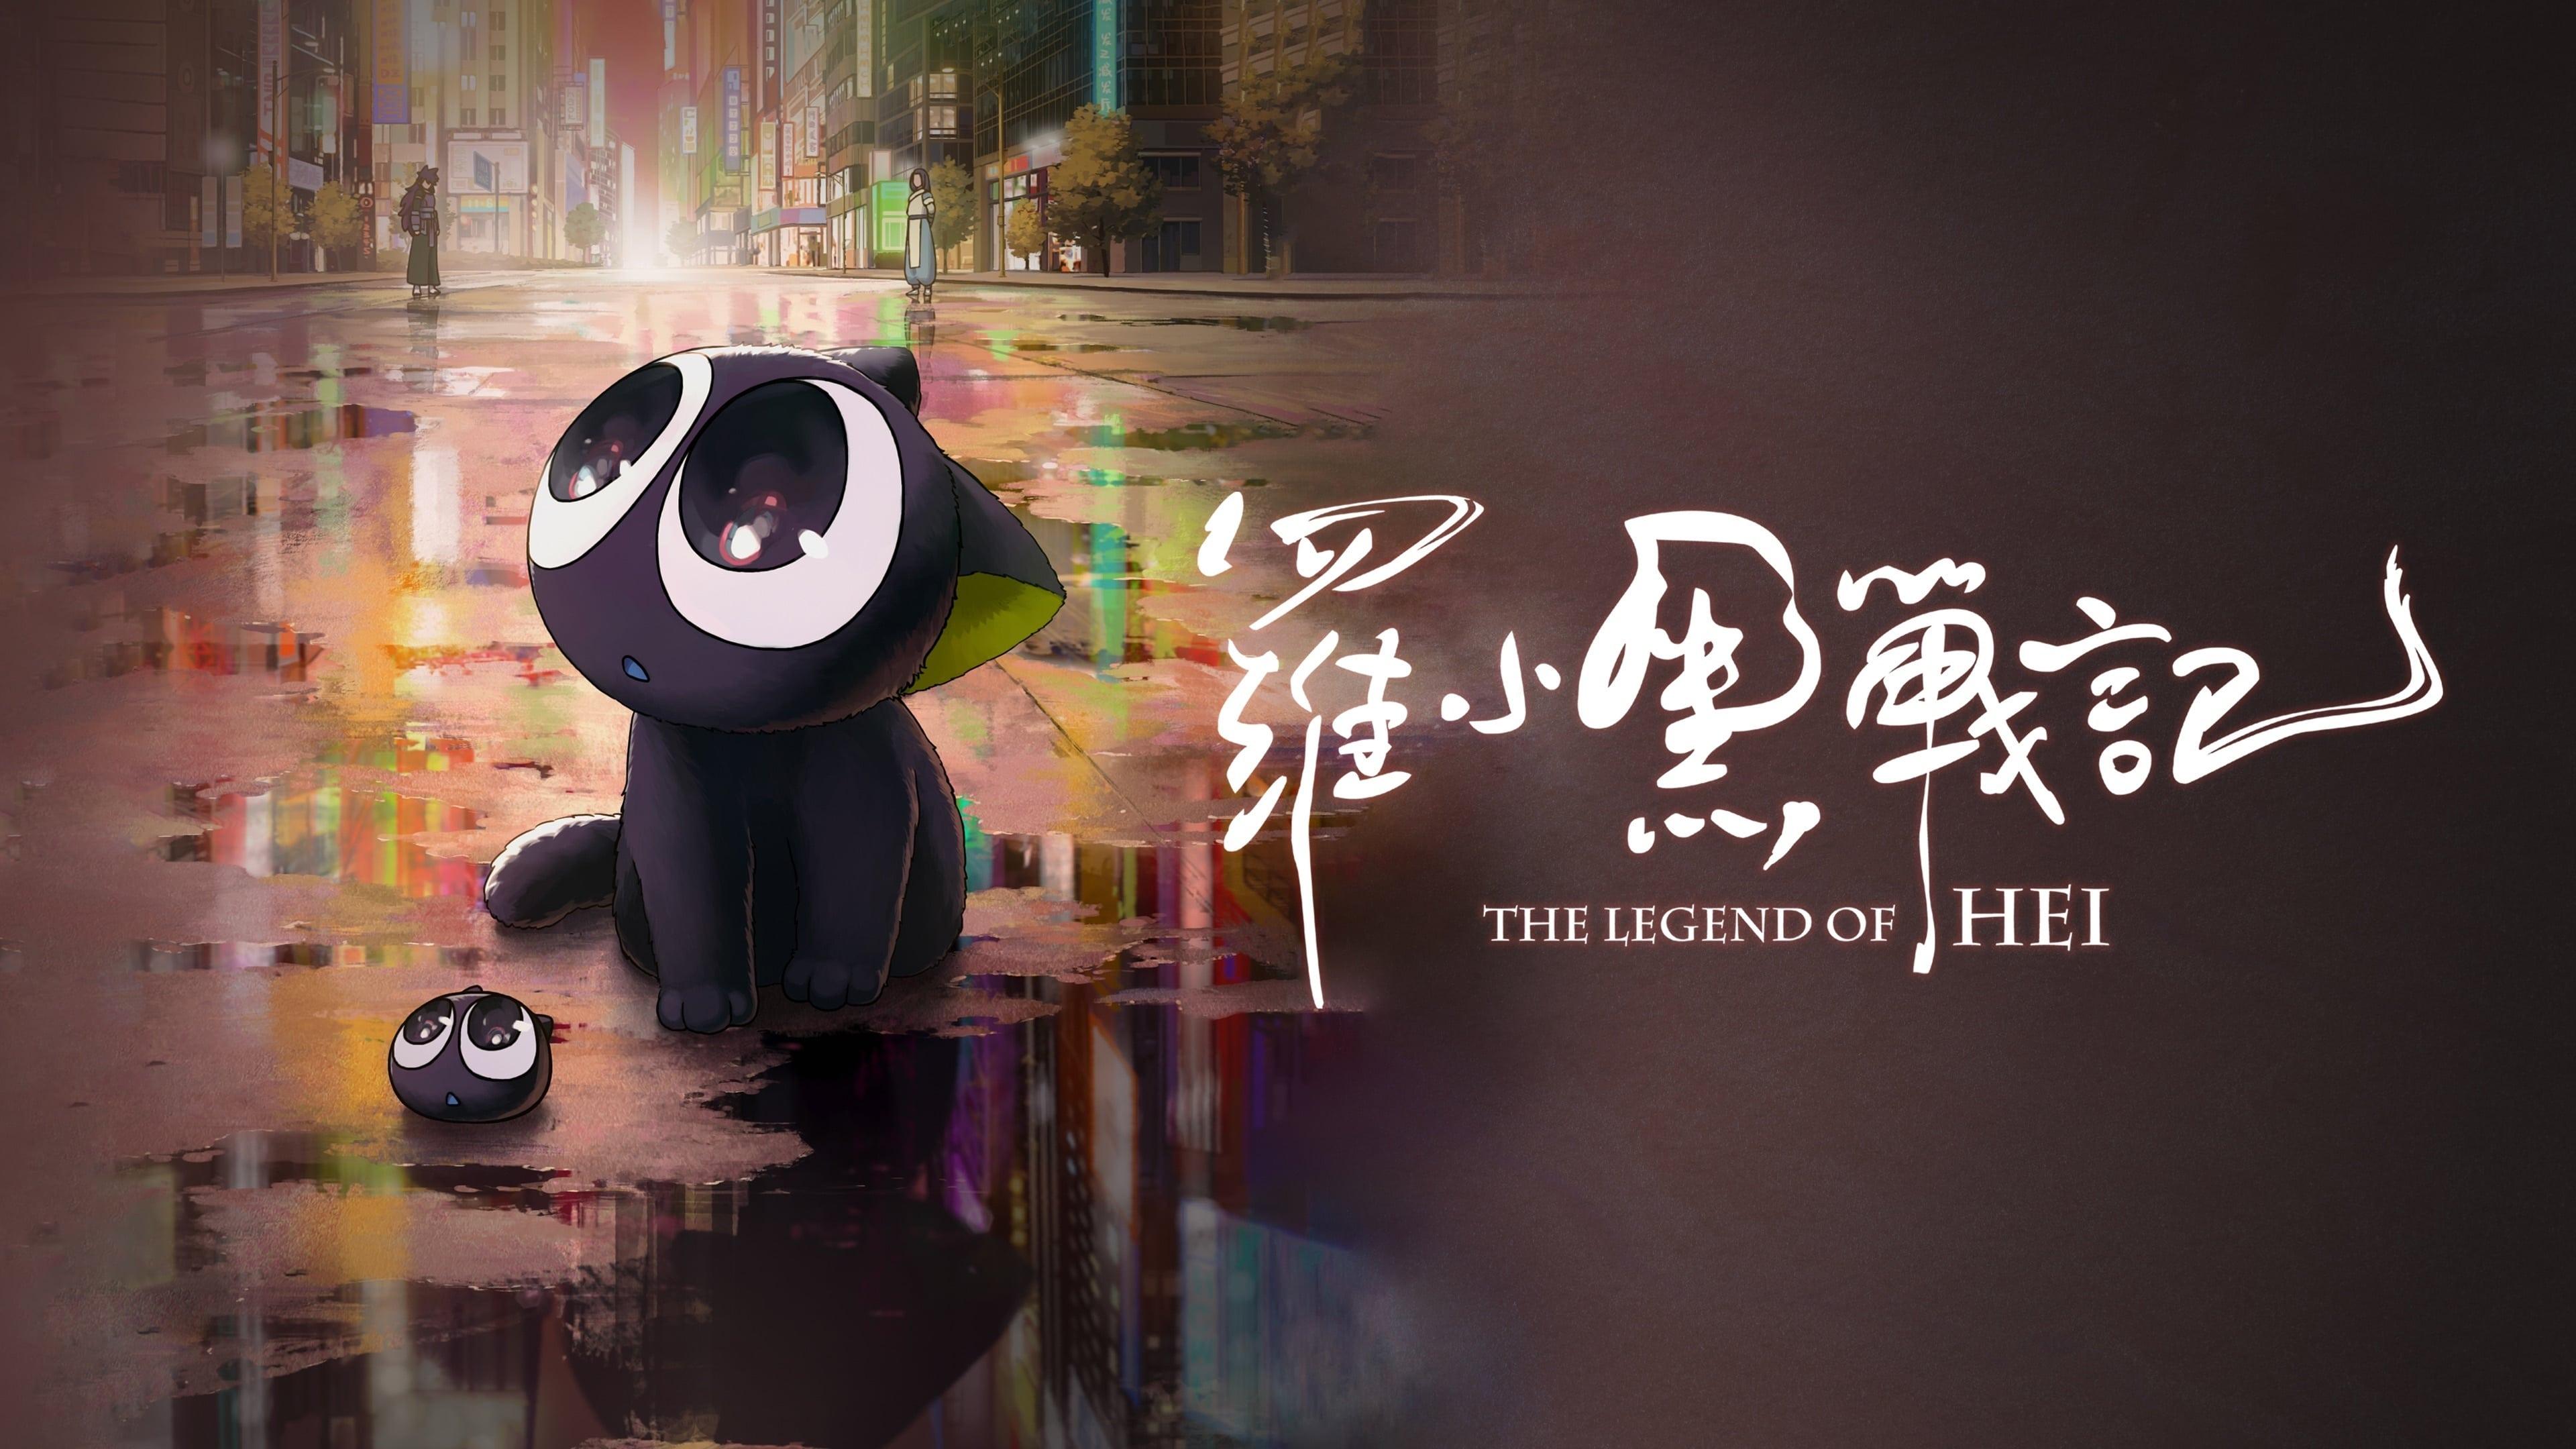 La leyenda de Hei (2019)